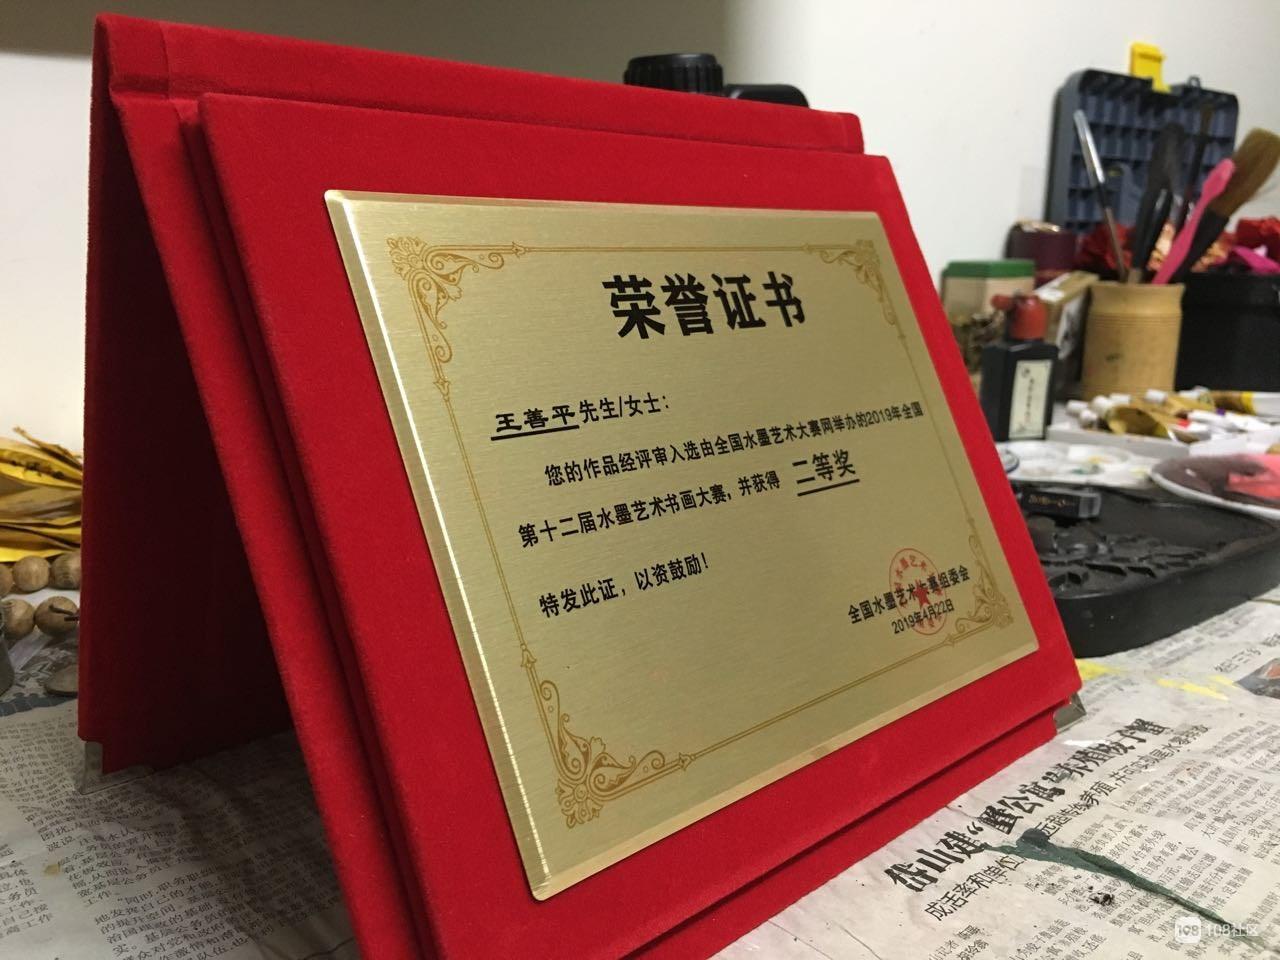 社友国画荣获全国大赛二等奖  一起来欣赏下大师作品